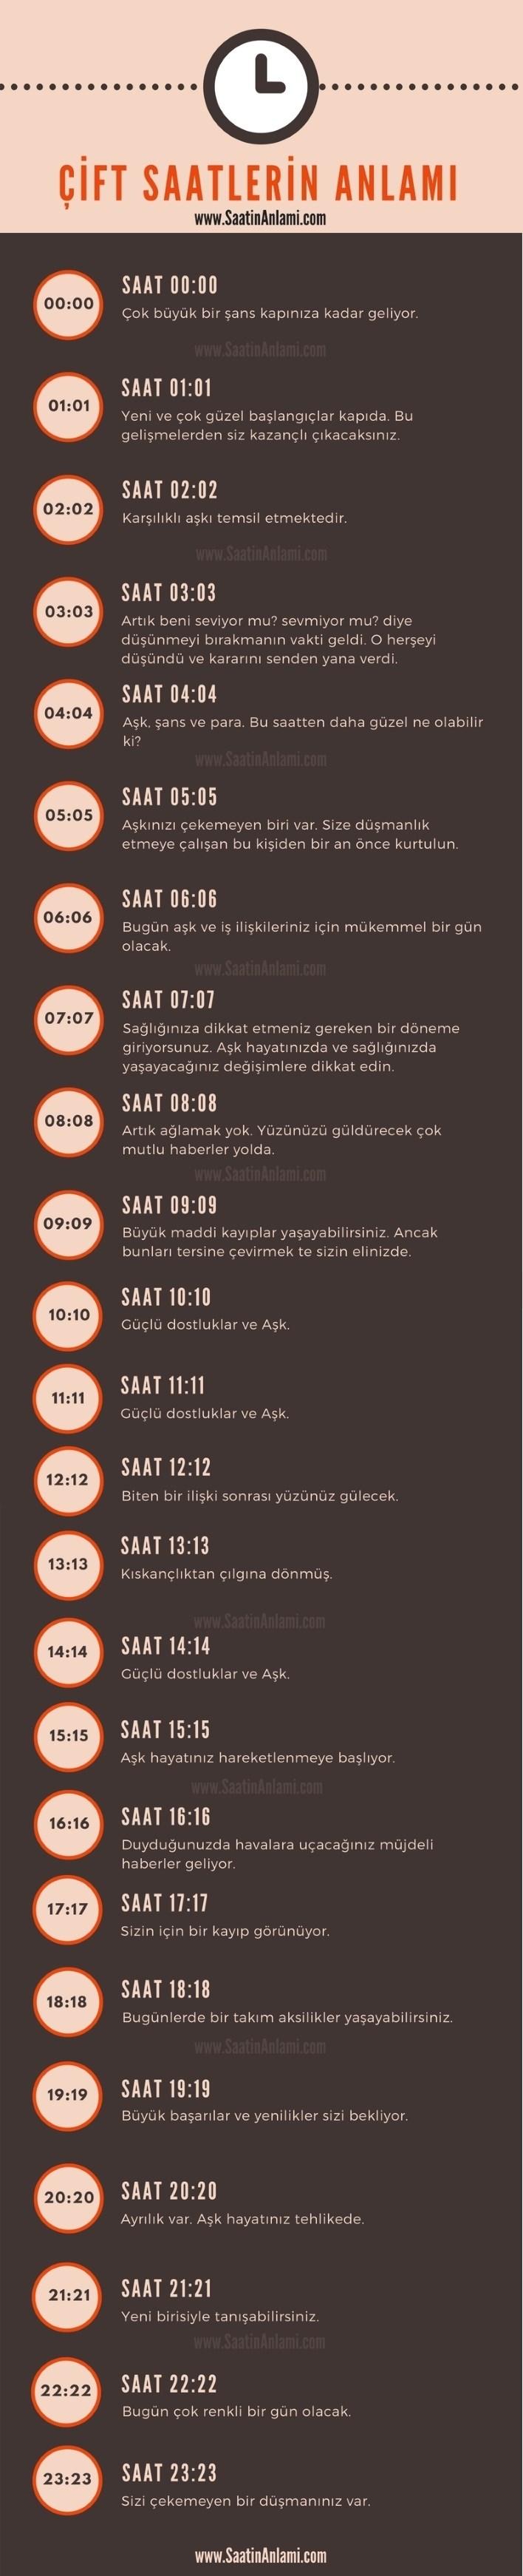 saatlerin anlamı infografik çift saatler